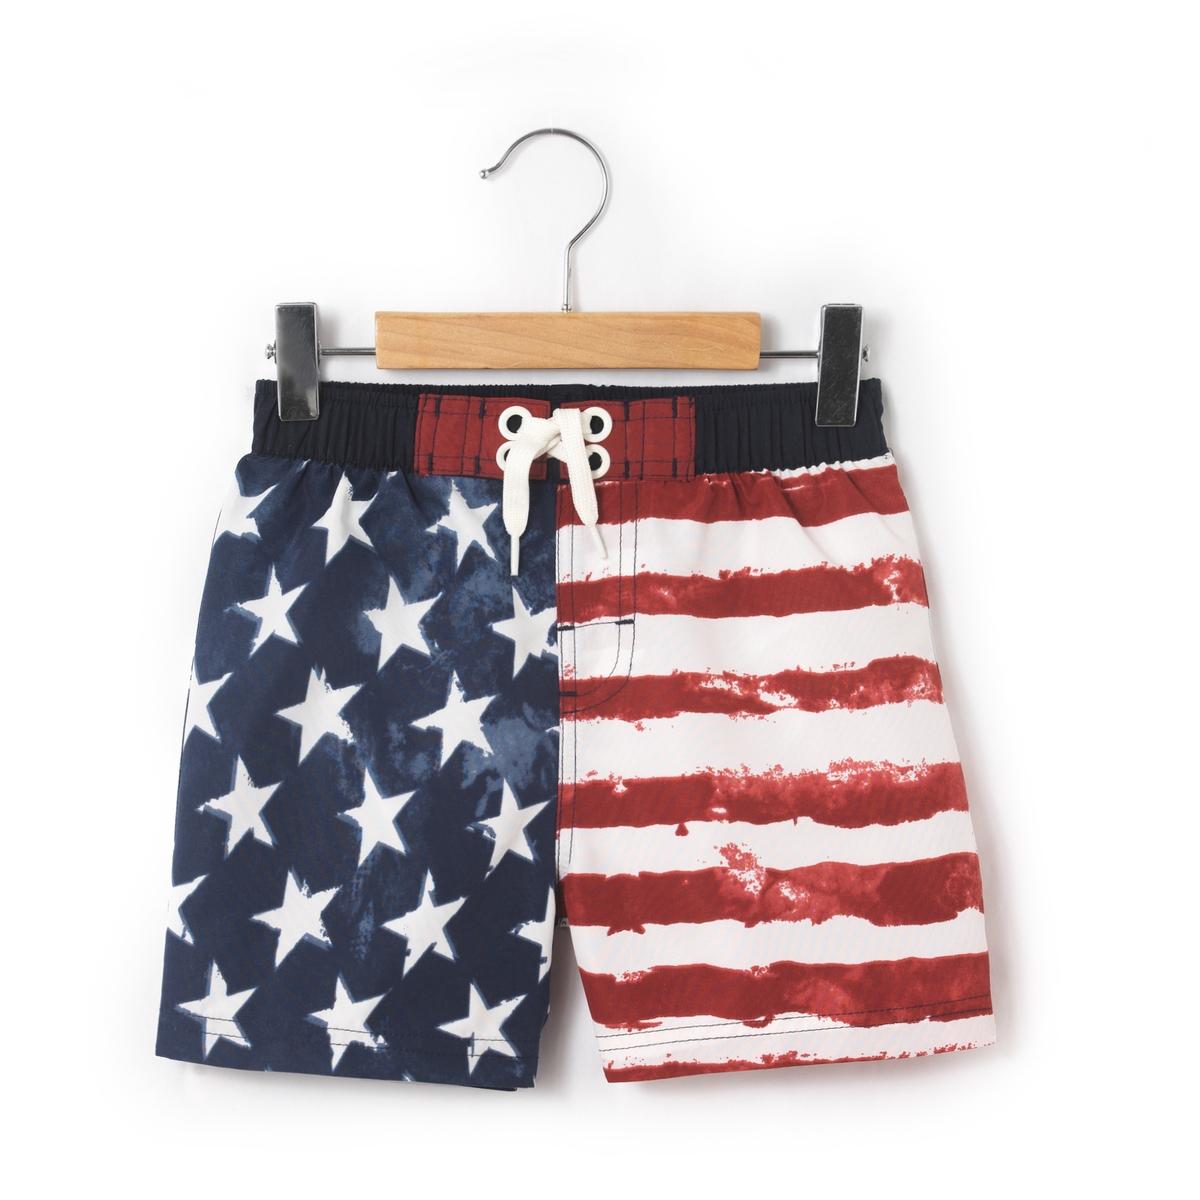 Шорты для плавания 3 - 8 летШорты для плавания с рисунком американский флаг. Эластичный пояс.Состав и описаниеМатериал: 100% полиэстерМарка          abcdR УходМашинная стирка при 30 °С с вещами схожих цветовСтирать с изнаночной стороныМашинная сушка запрещенаНе гладить<br><br>Цвет: набивной рисунок<br>Размер: 8 лет - 126 см.5 лет - 108 см